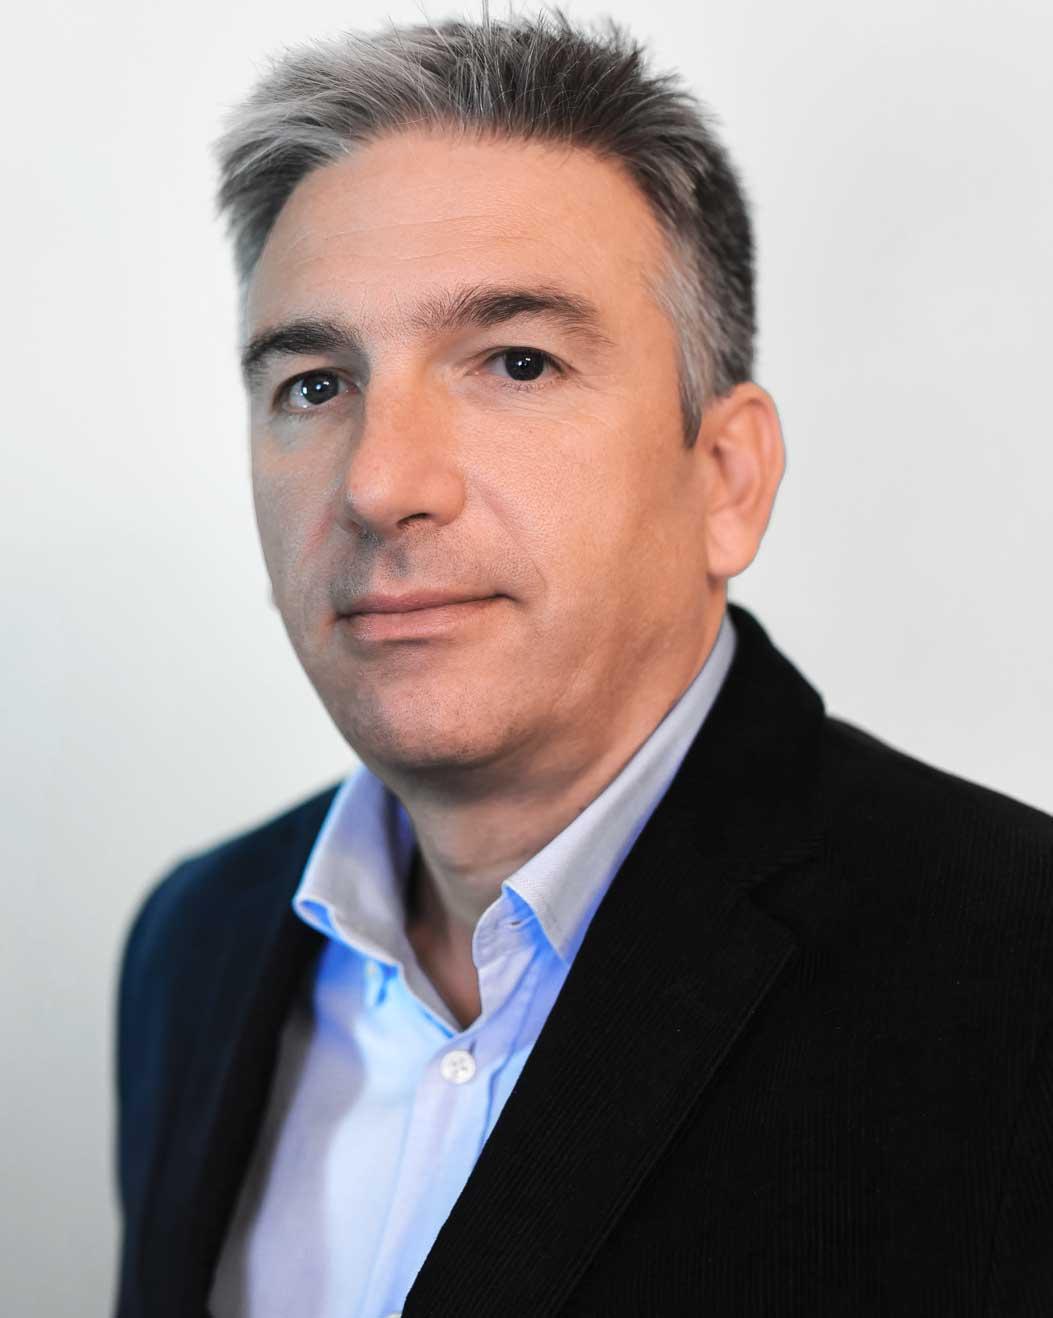 Massimo Dainese